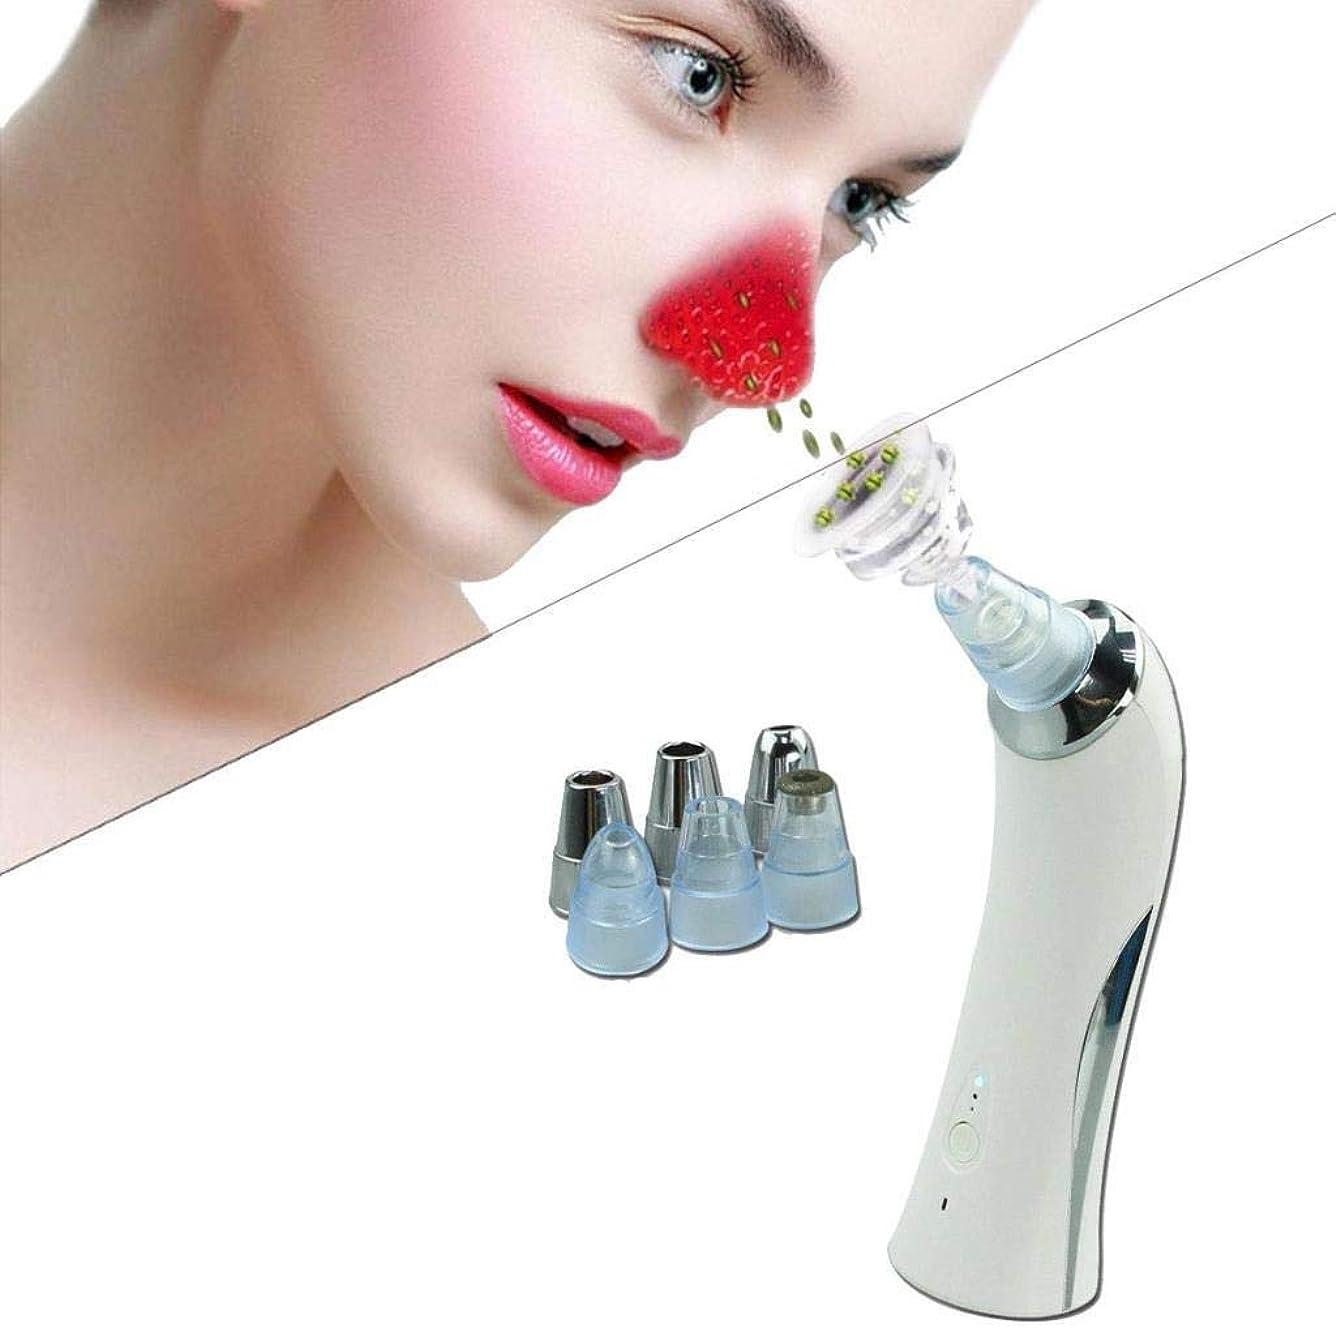 真空吸引PoreExtractor多機能プローブ電気皮膚ポアクレンザー充電式にきび抽出コメドーン吸引